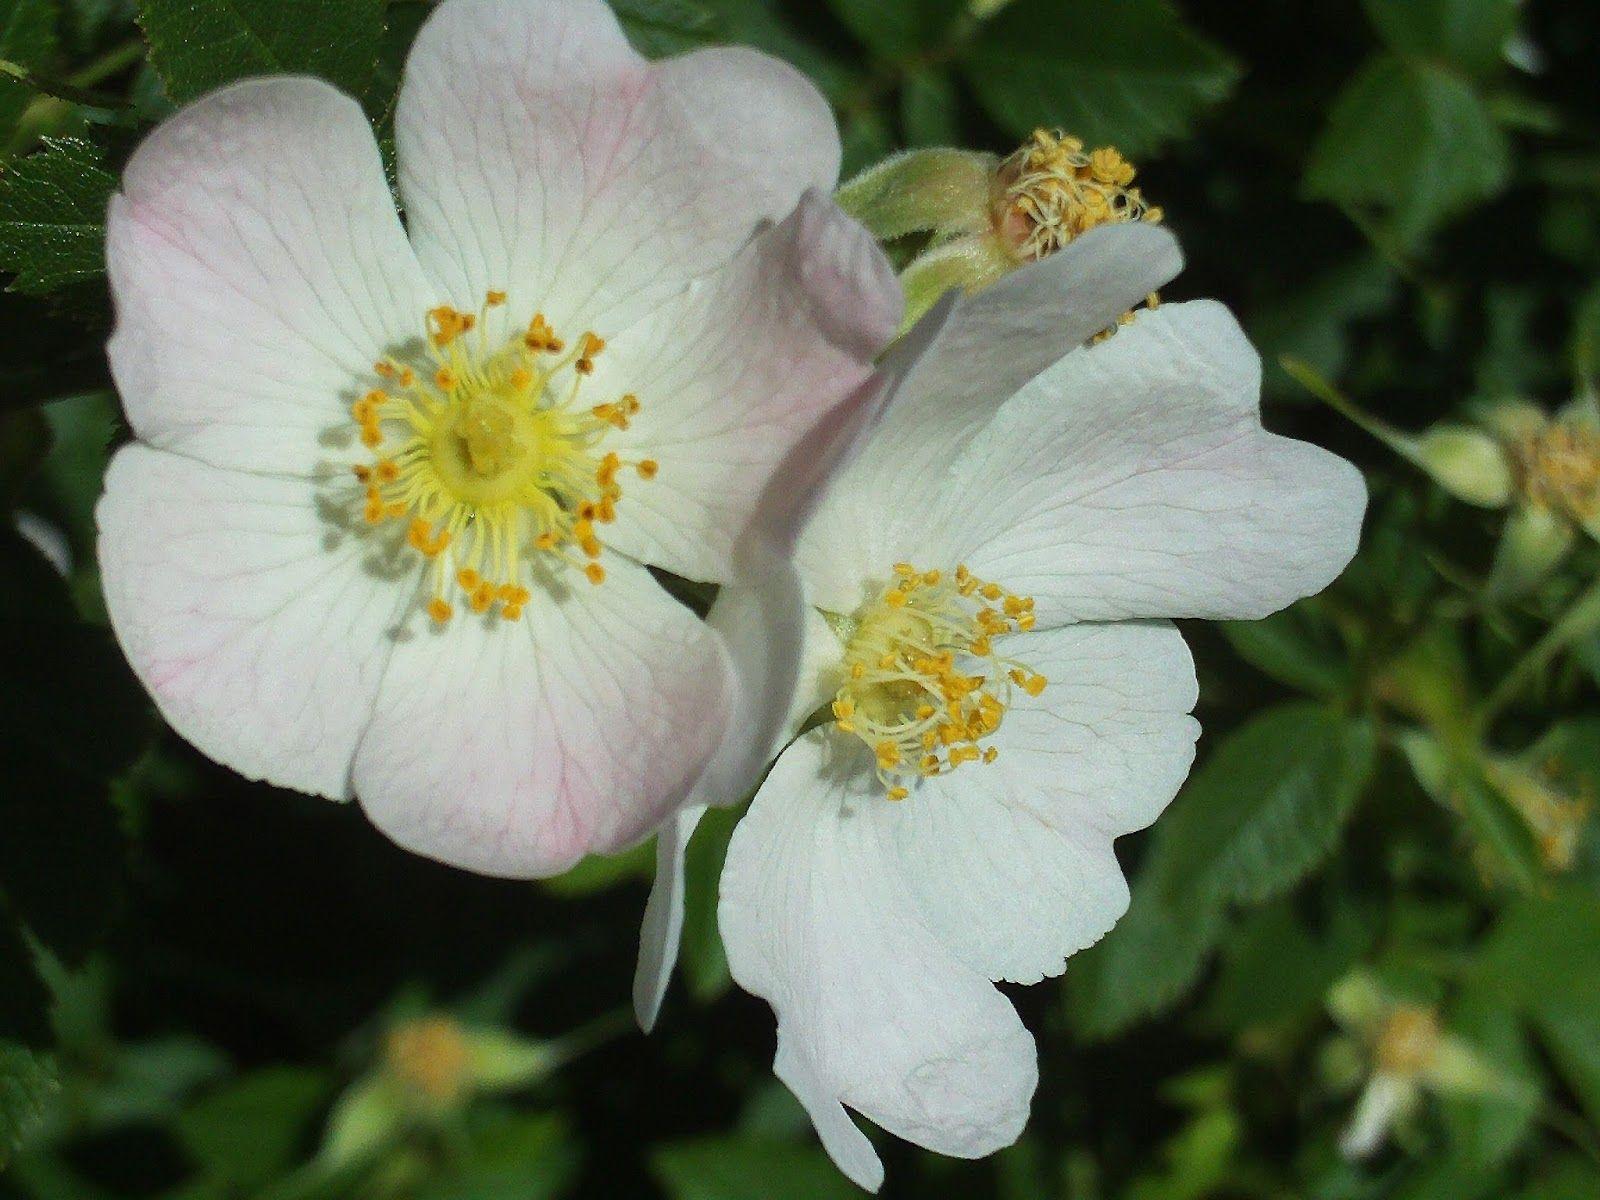 احلي صور ورود جميلة صور باقات ورد رومانسية صور زهور صور ورد بلدي احلي باقات ورد رومانسية لعيد الحب صور ازهار للبنات صور ورد احمر ور Rose Bush Wild Roses Rose